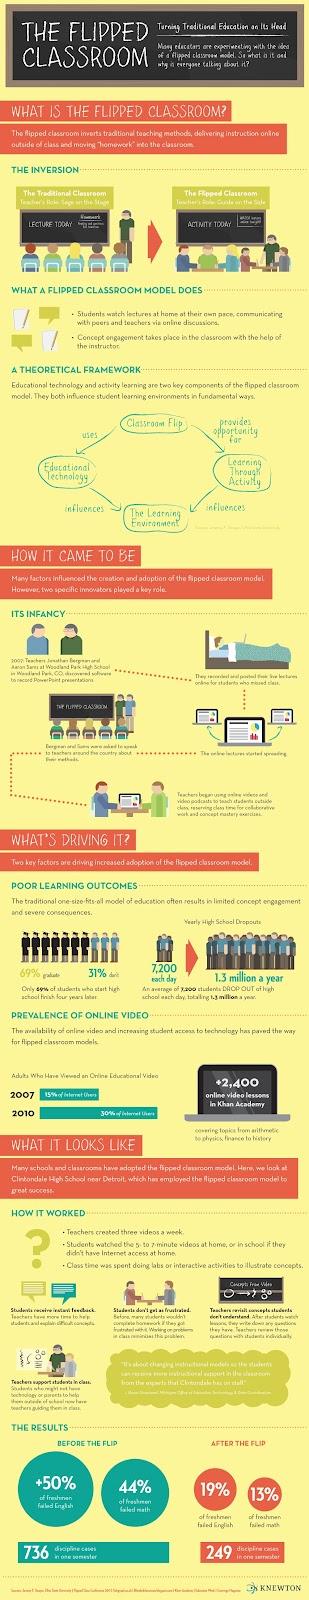 Infografía acerca del proceso de inversión de la clase.